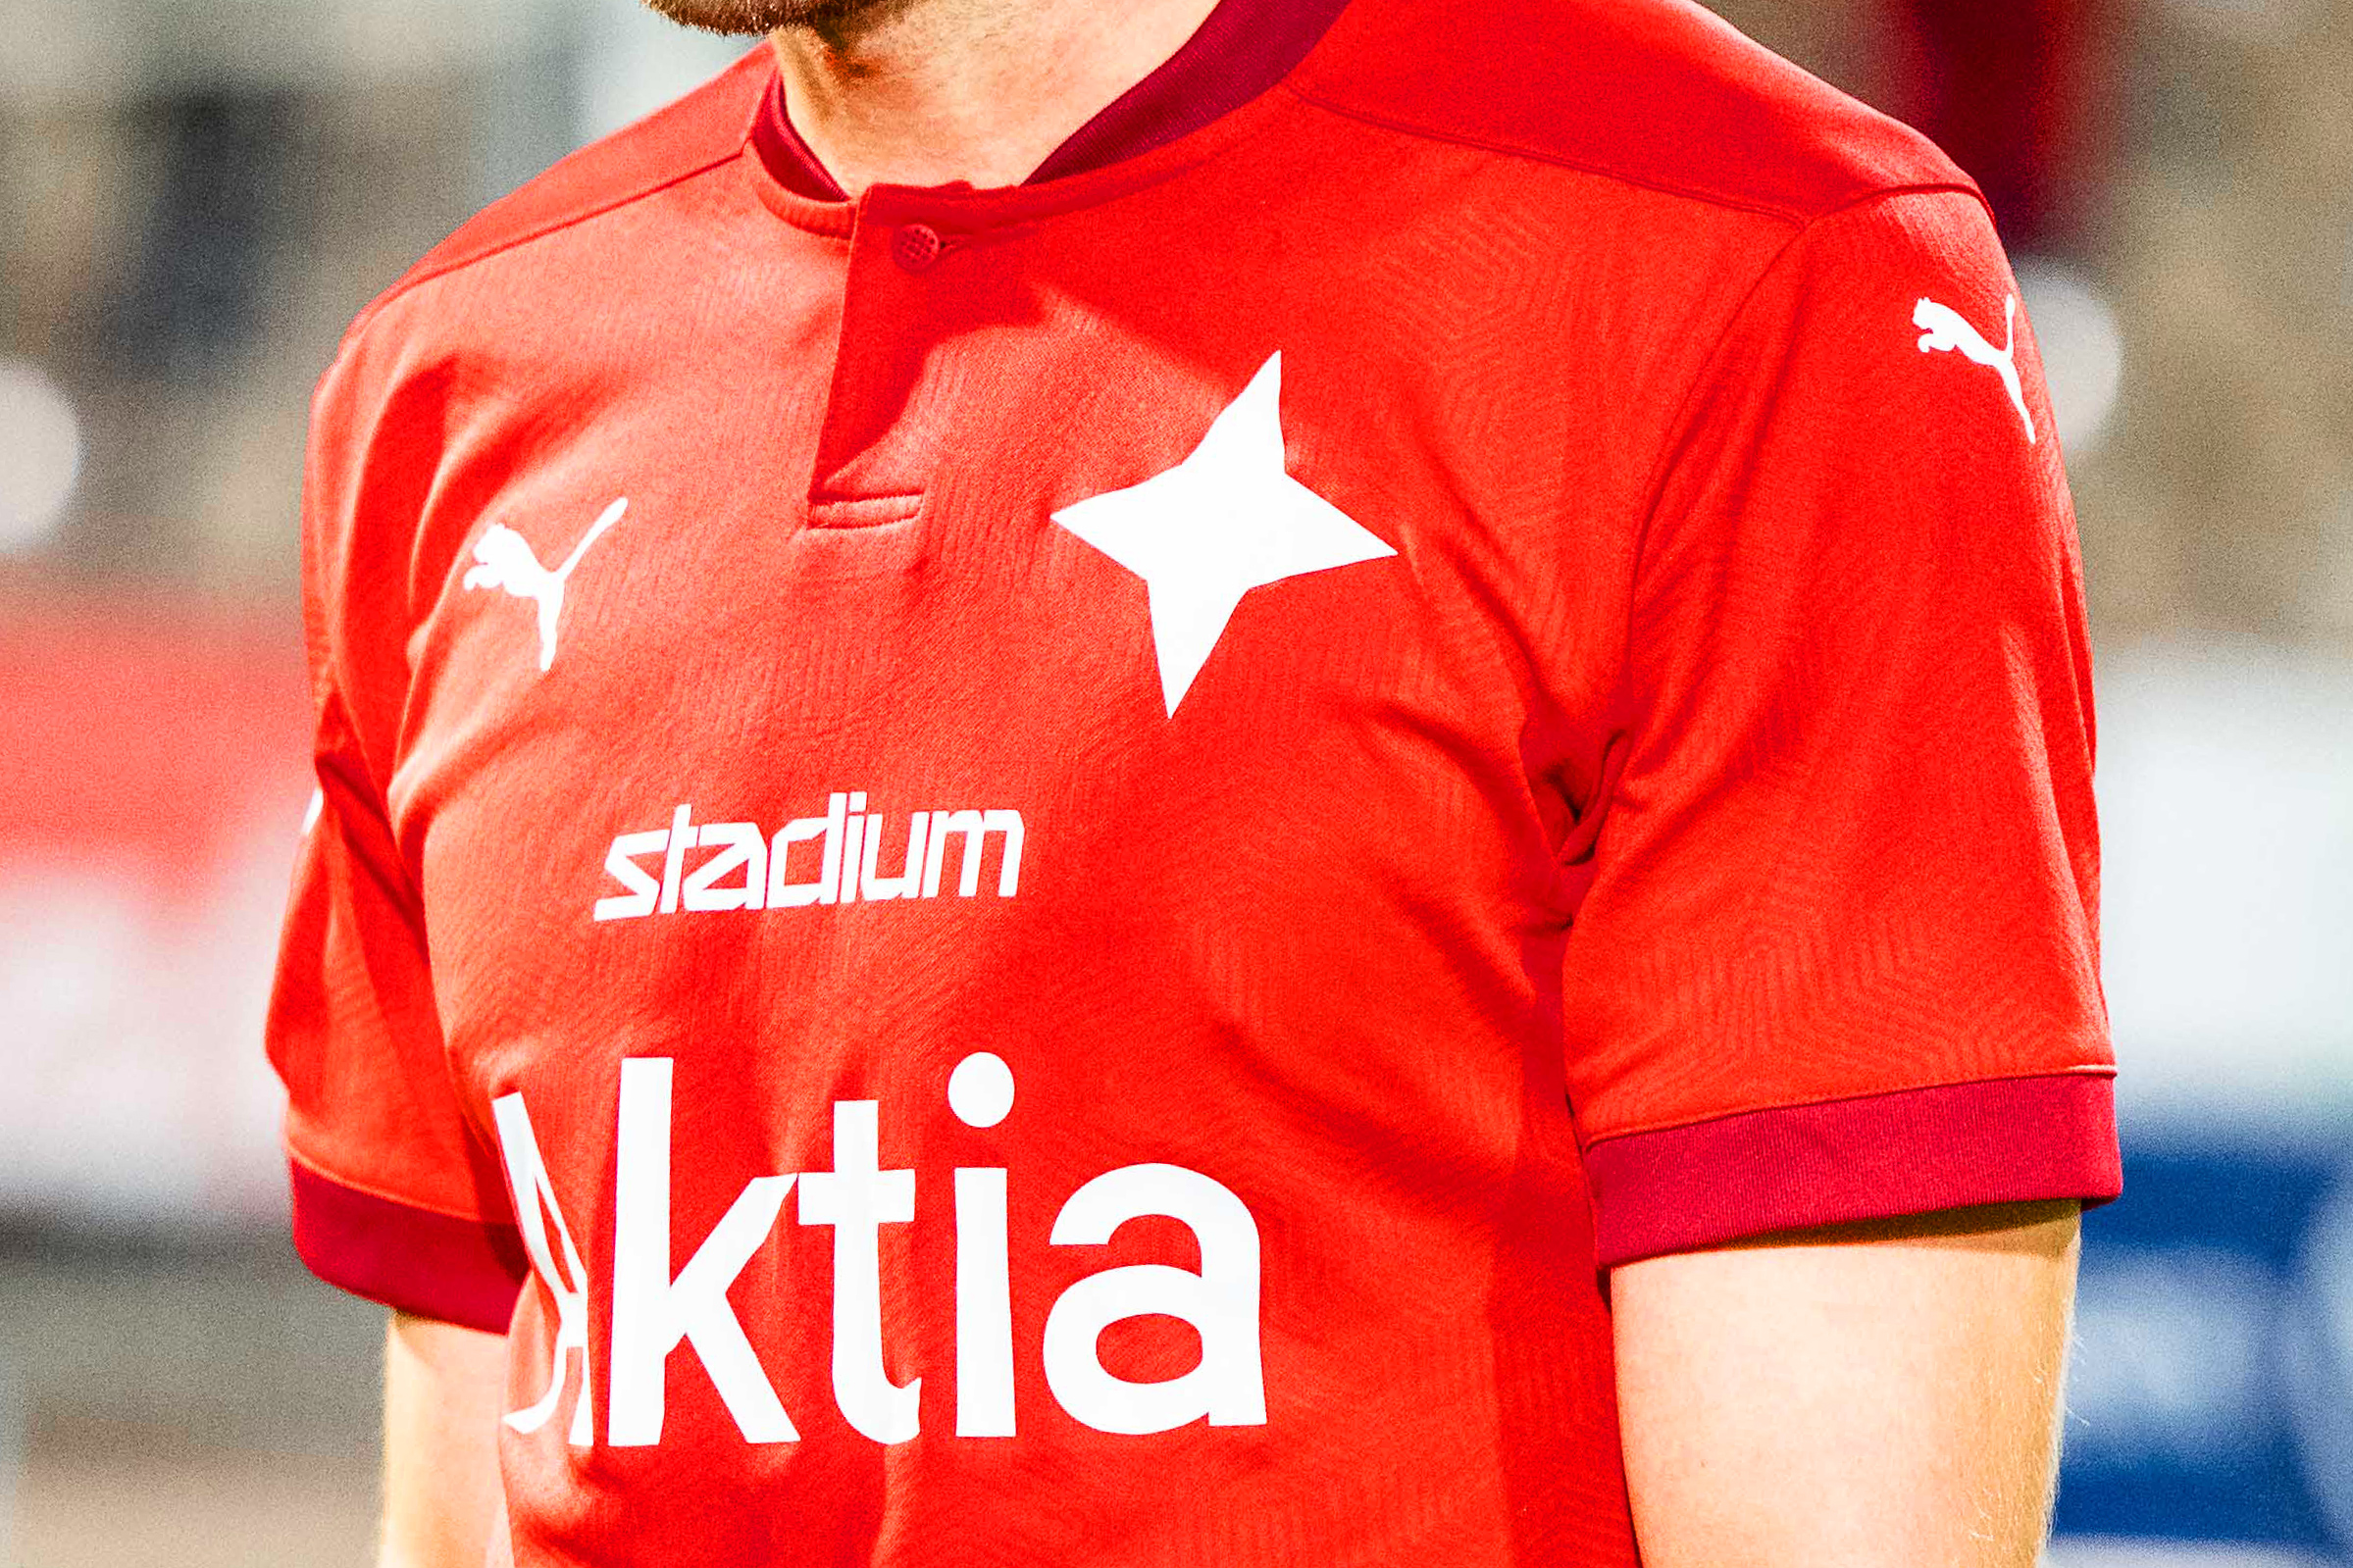 TIEDOTE: HIFK Soccer rf jatkaa yksin ilman HIFK Fotboll AB:ta